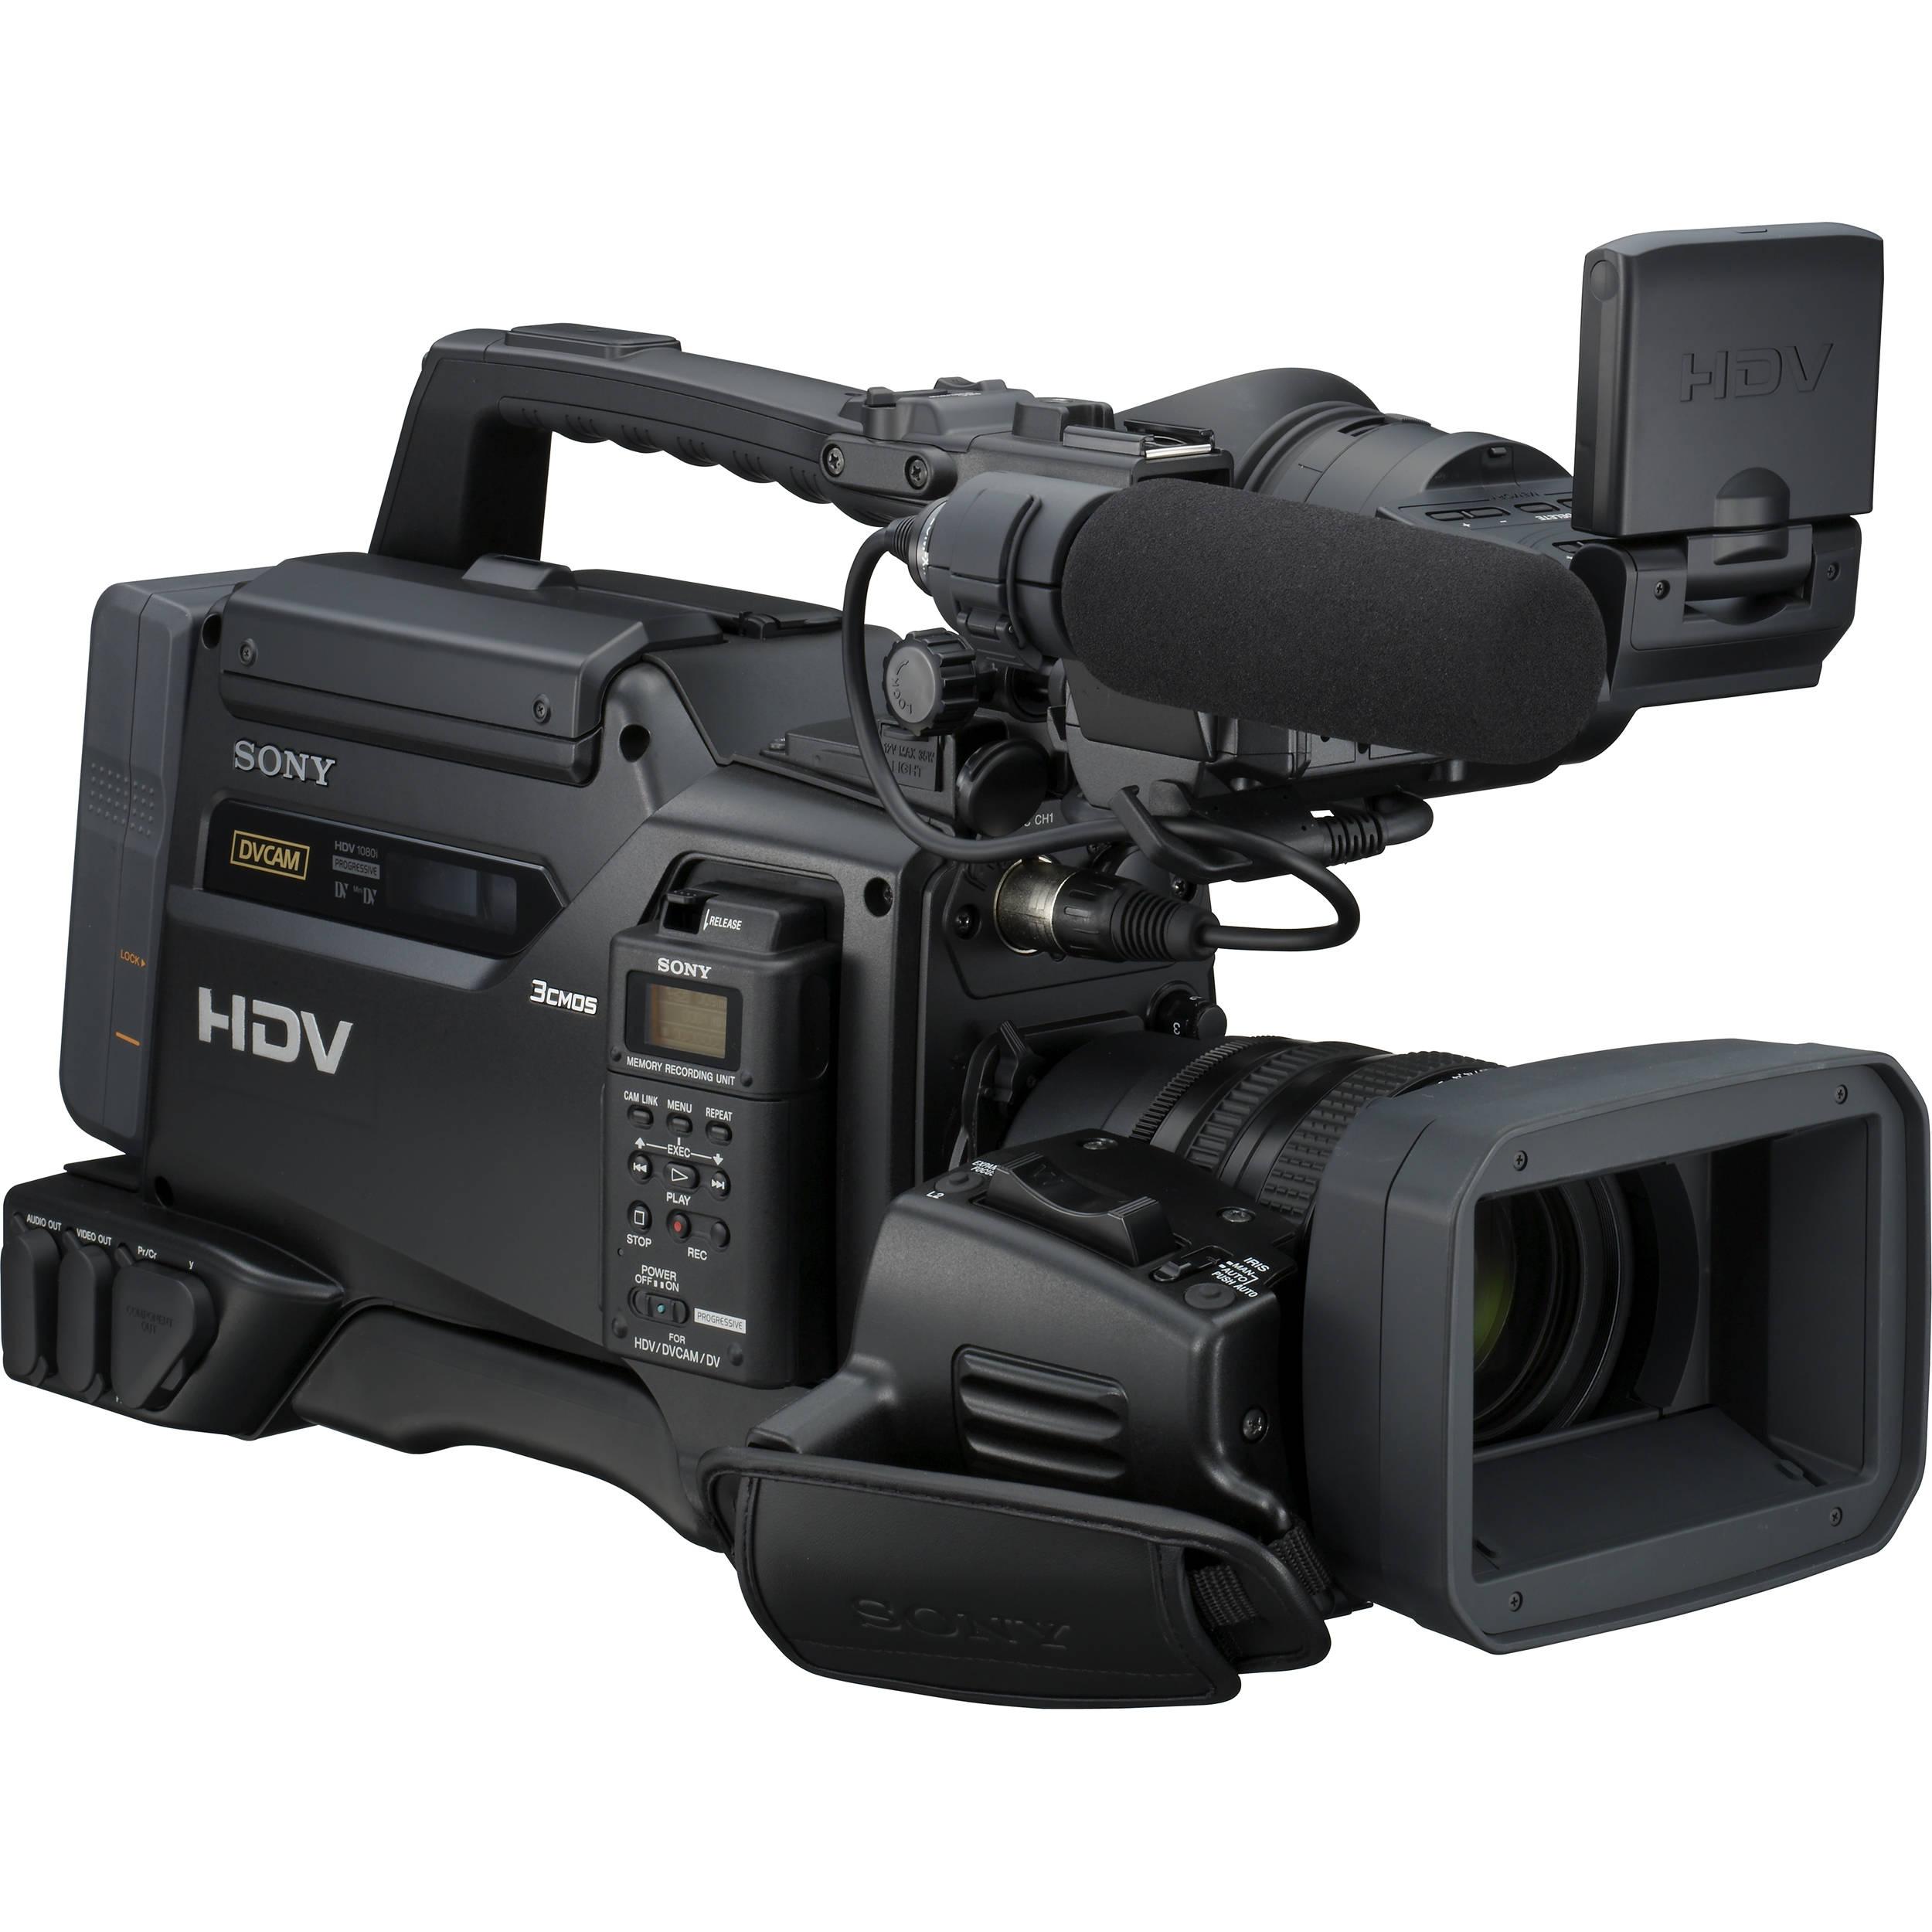 Sony Hvr S270u 1080i Hdv Camcorder Hvr S270u B Amp H Photo Video